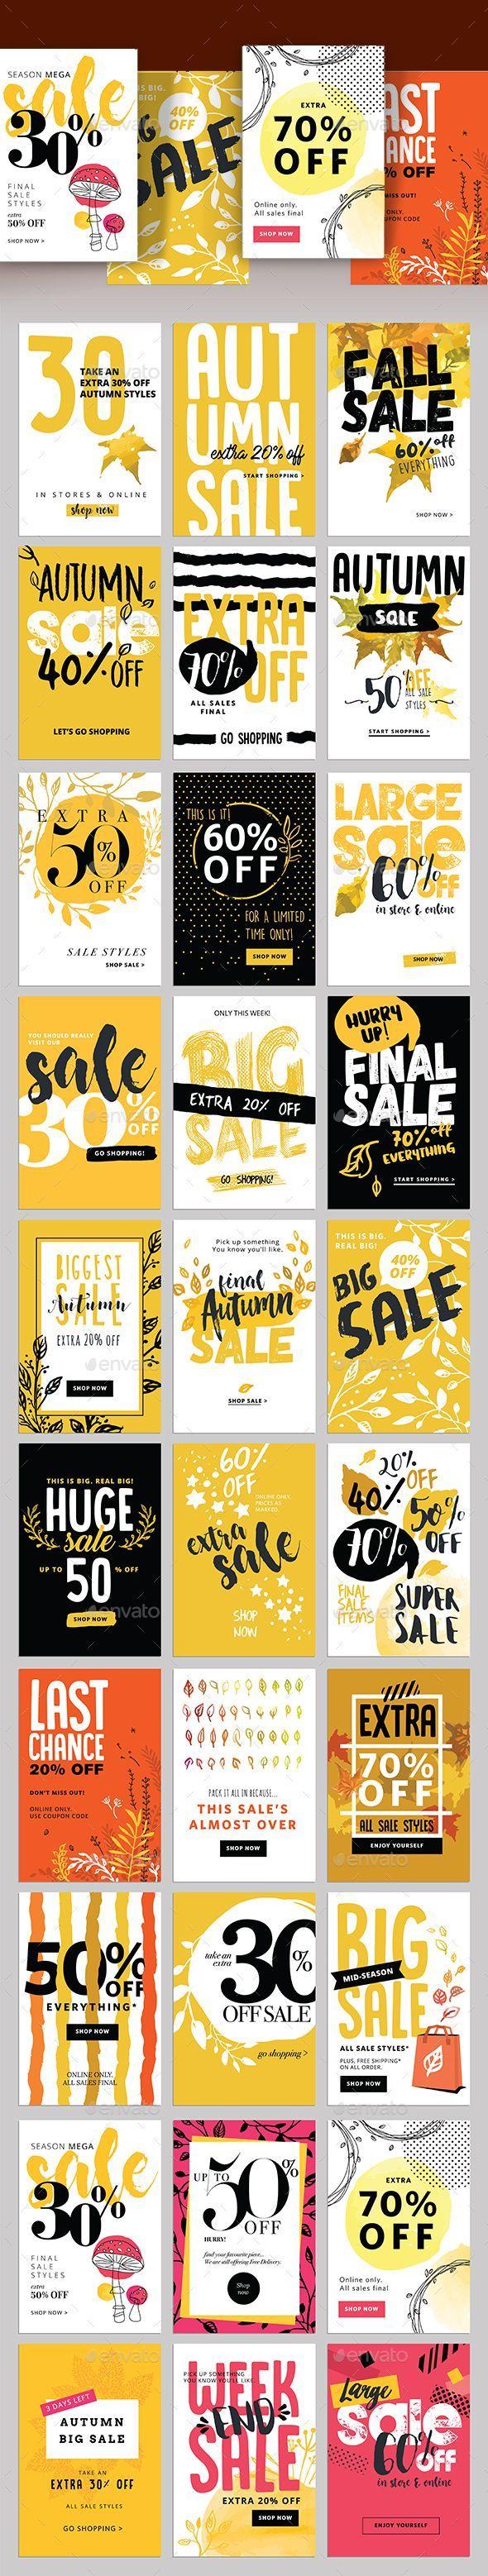 Autumn Social Media Sale Banners Template PSD, Vector EPS, AI ...